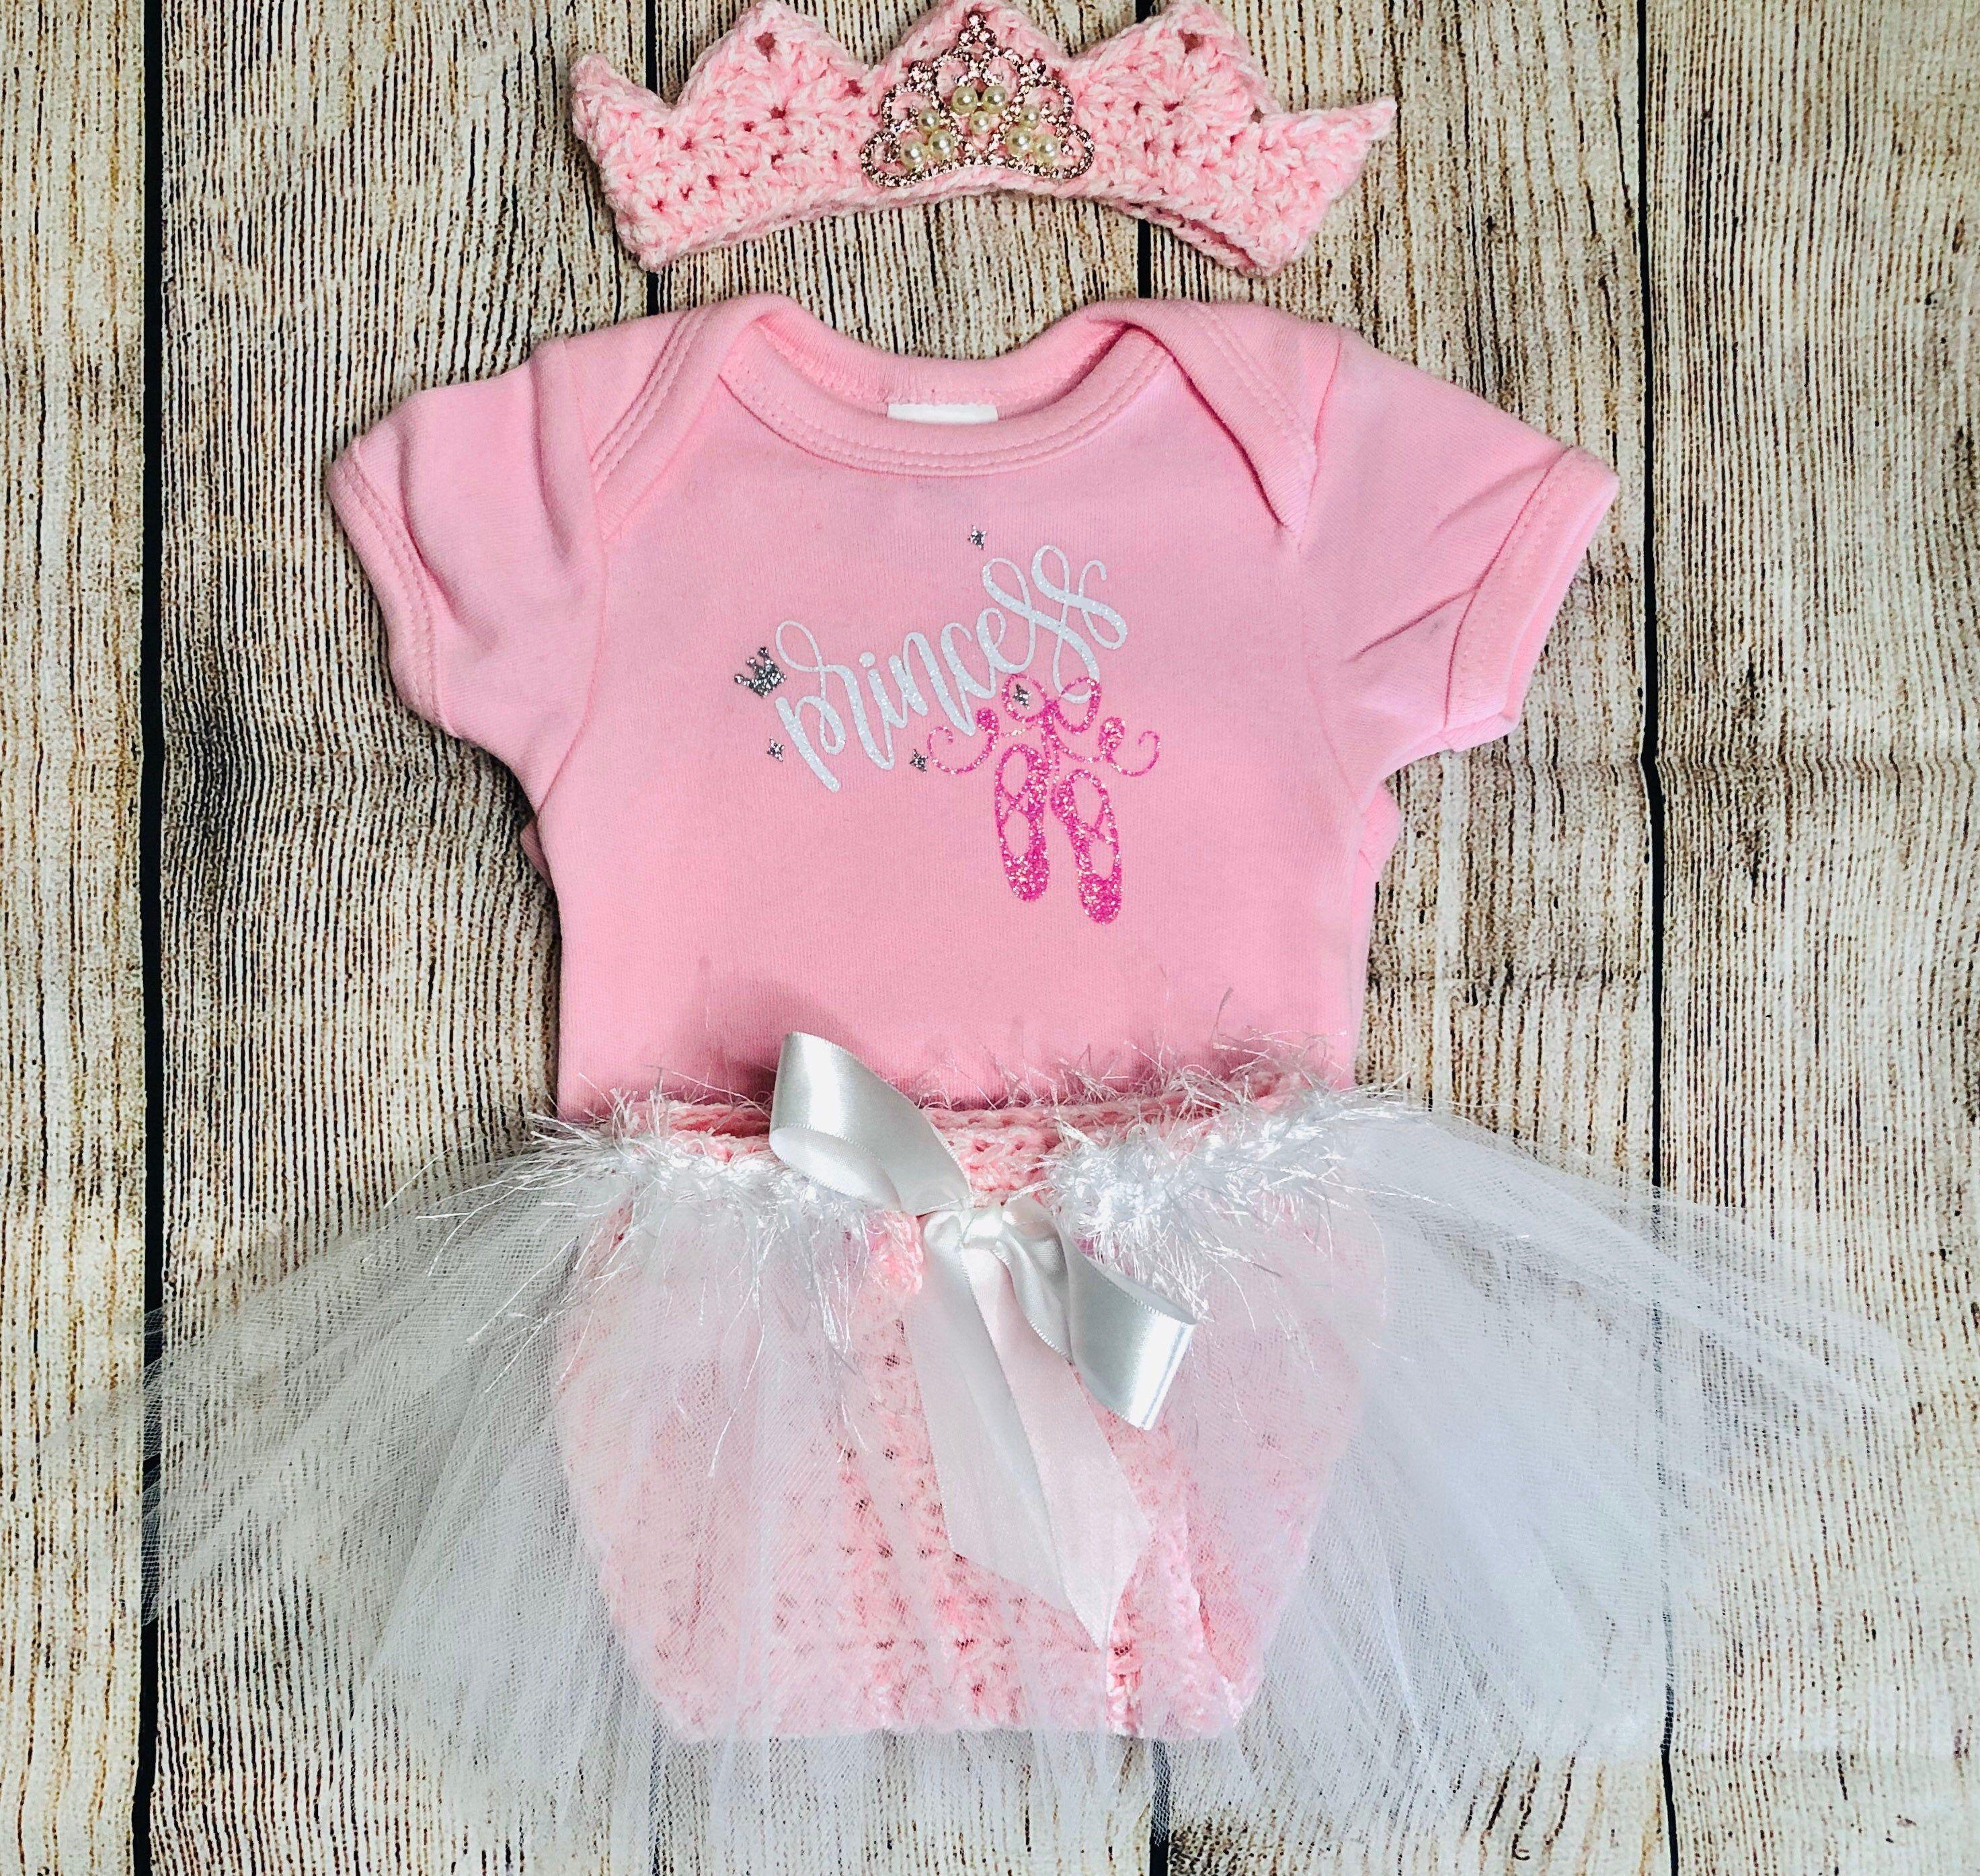 smash cake photo prop Tutu 3 pcs baby tutu set shirt and Crown Pink Princess Outfit